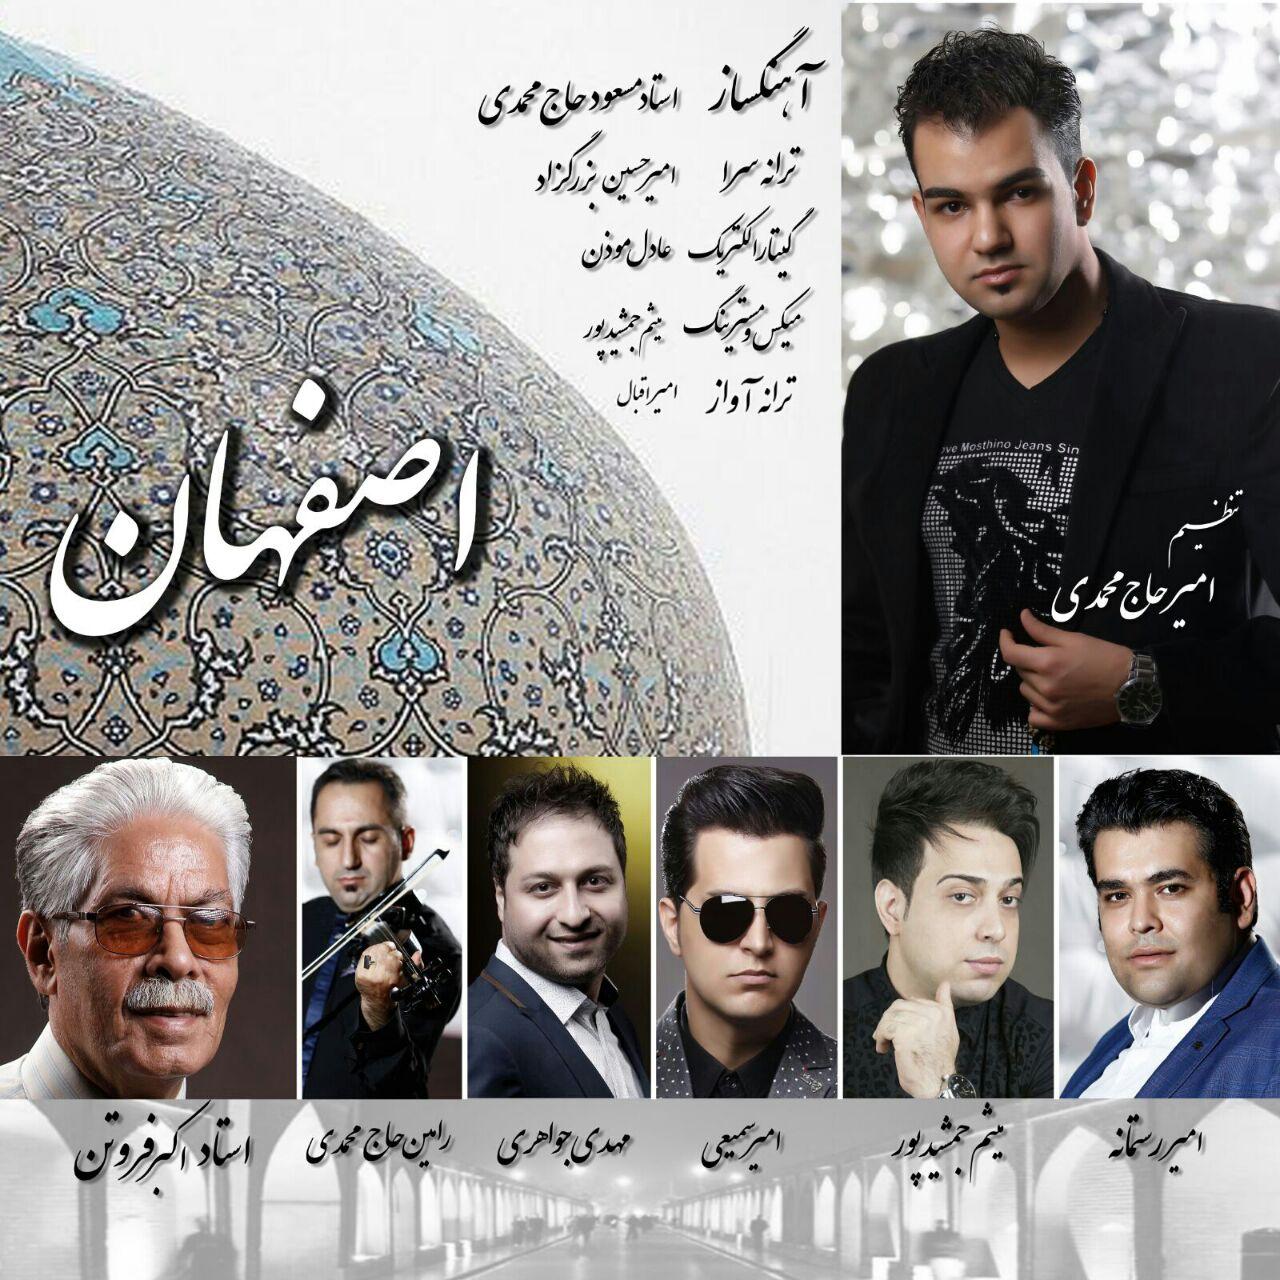 دانلود آهنگ جديد و بسيار زيباى اصفهان